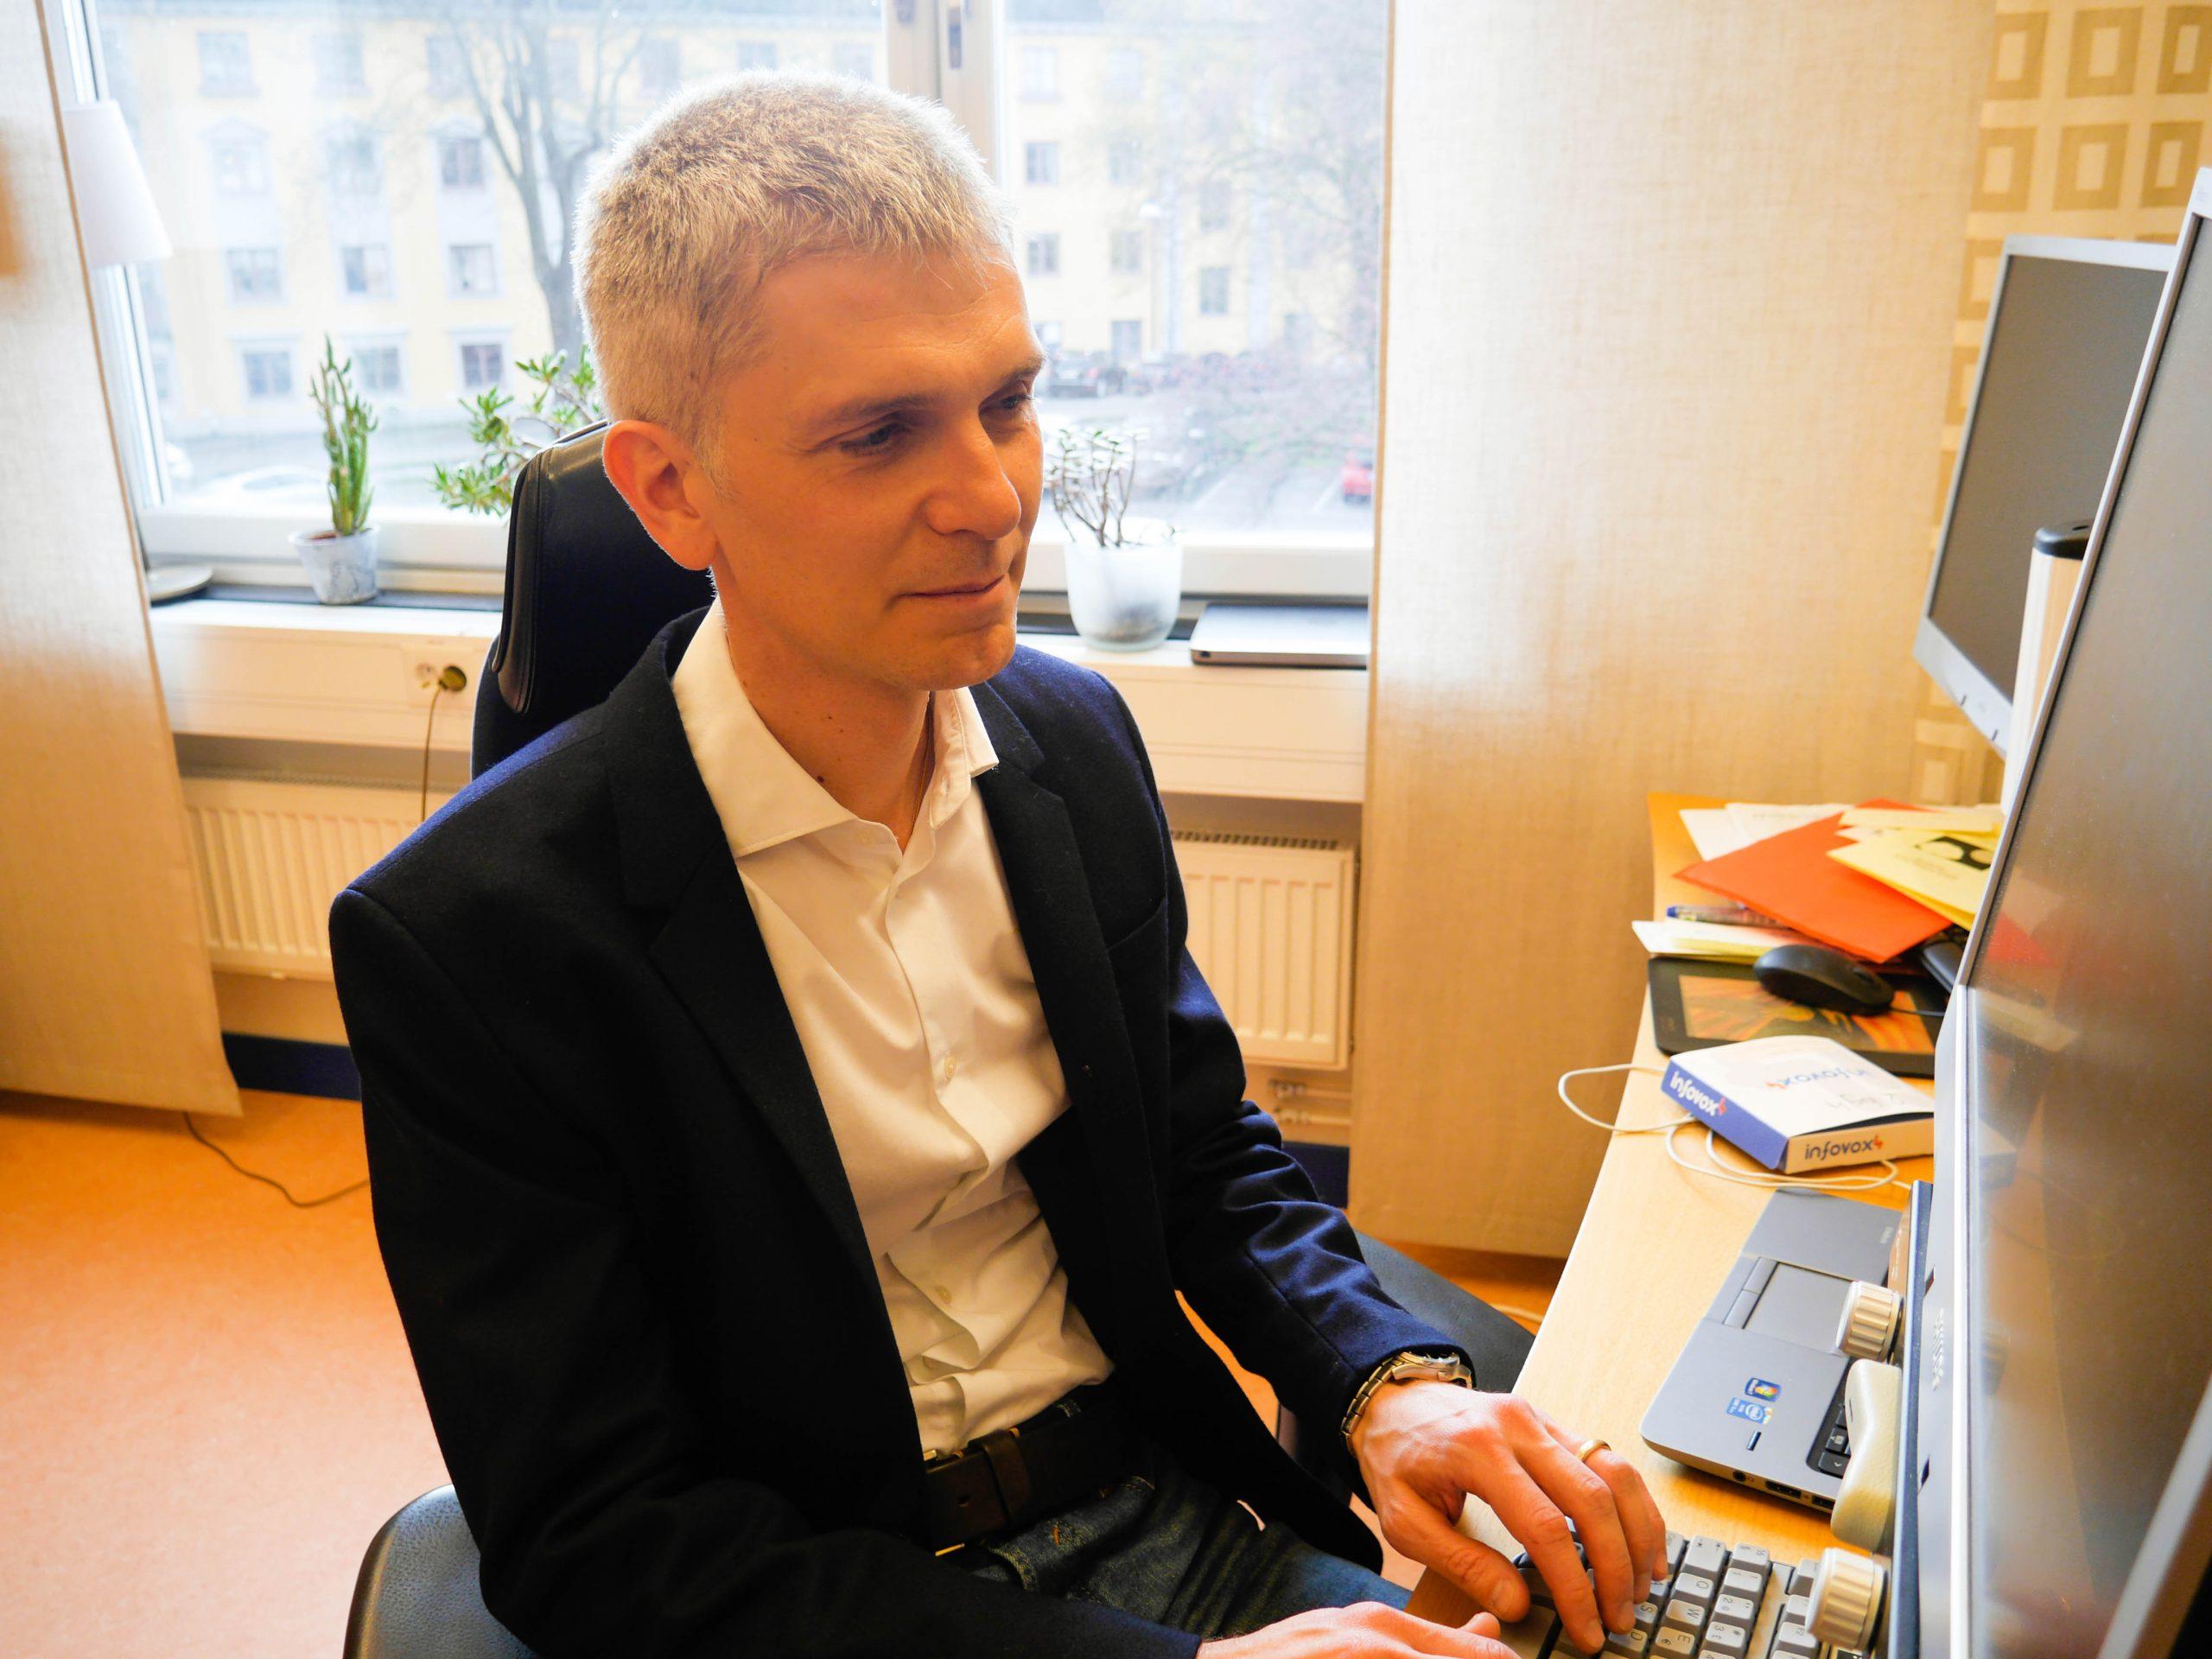 Mattias sitter vid datorn i mörkblå kavaj och ljus skjorta.